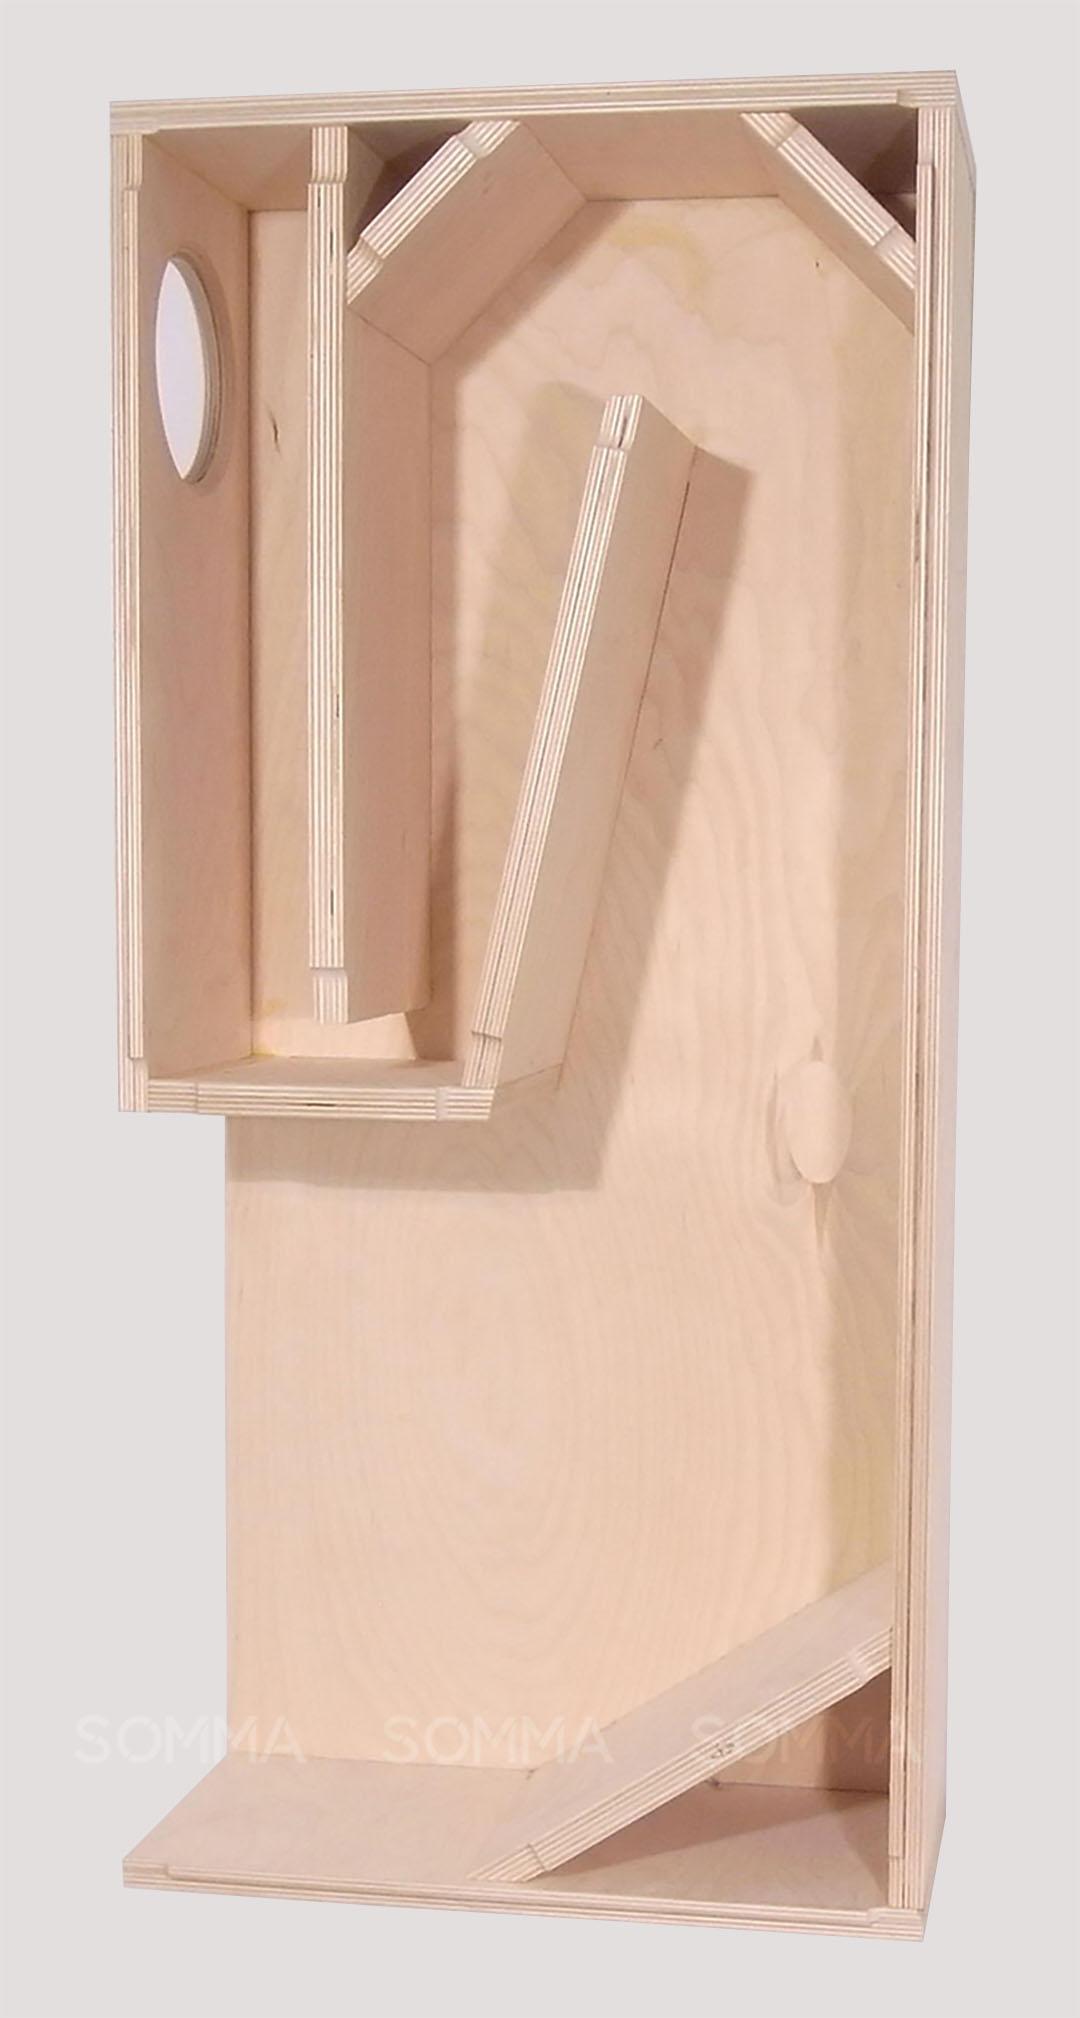 Ván ép đóng thùng loa gỗ cao su